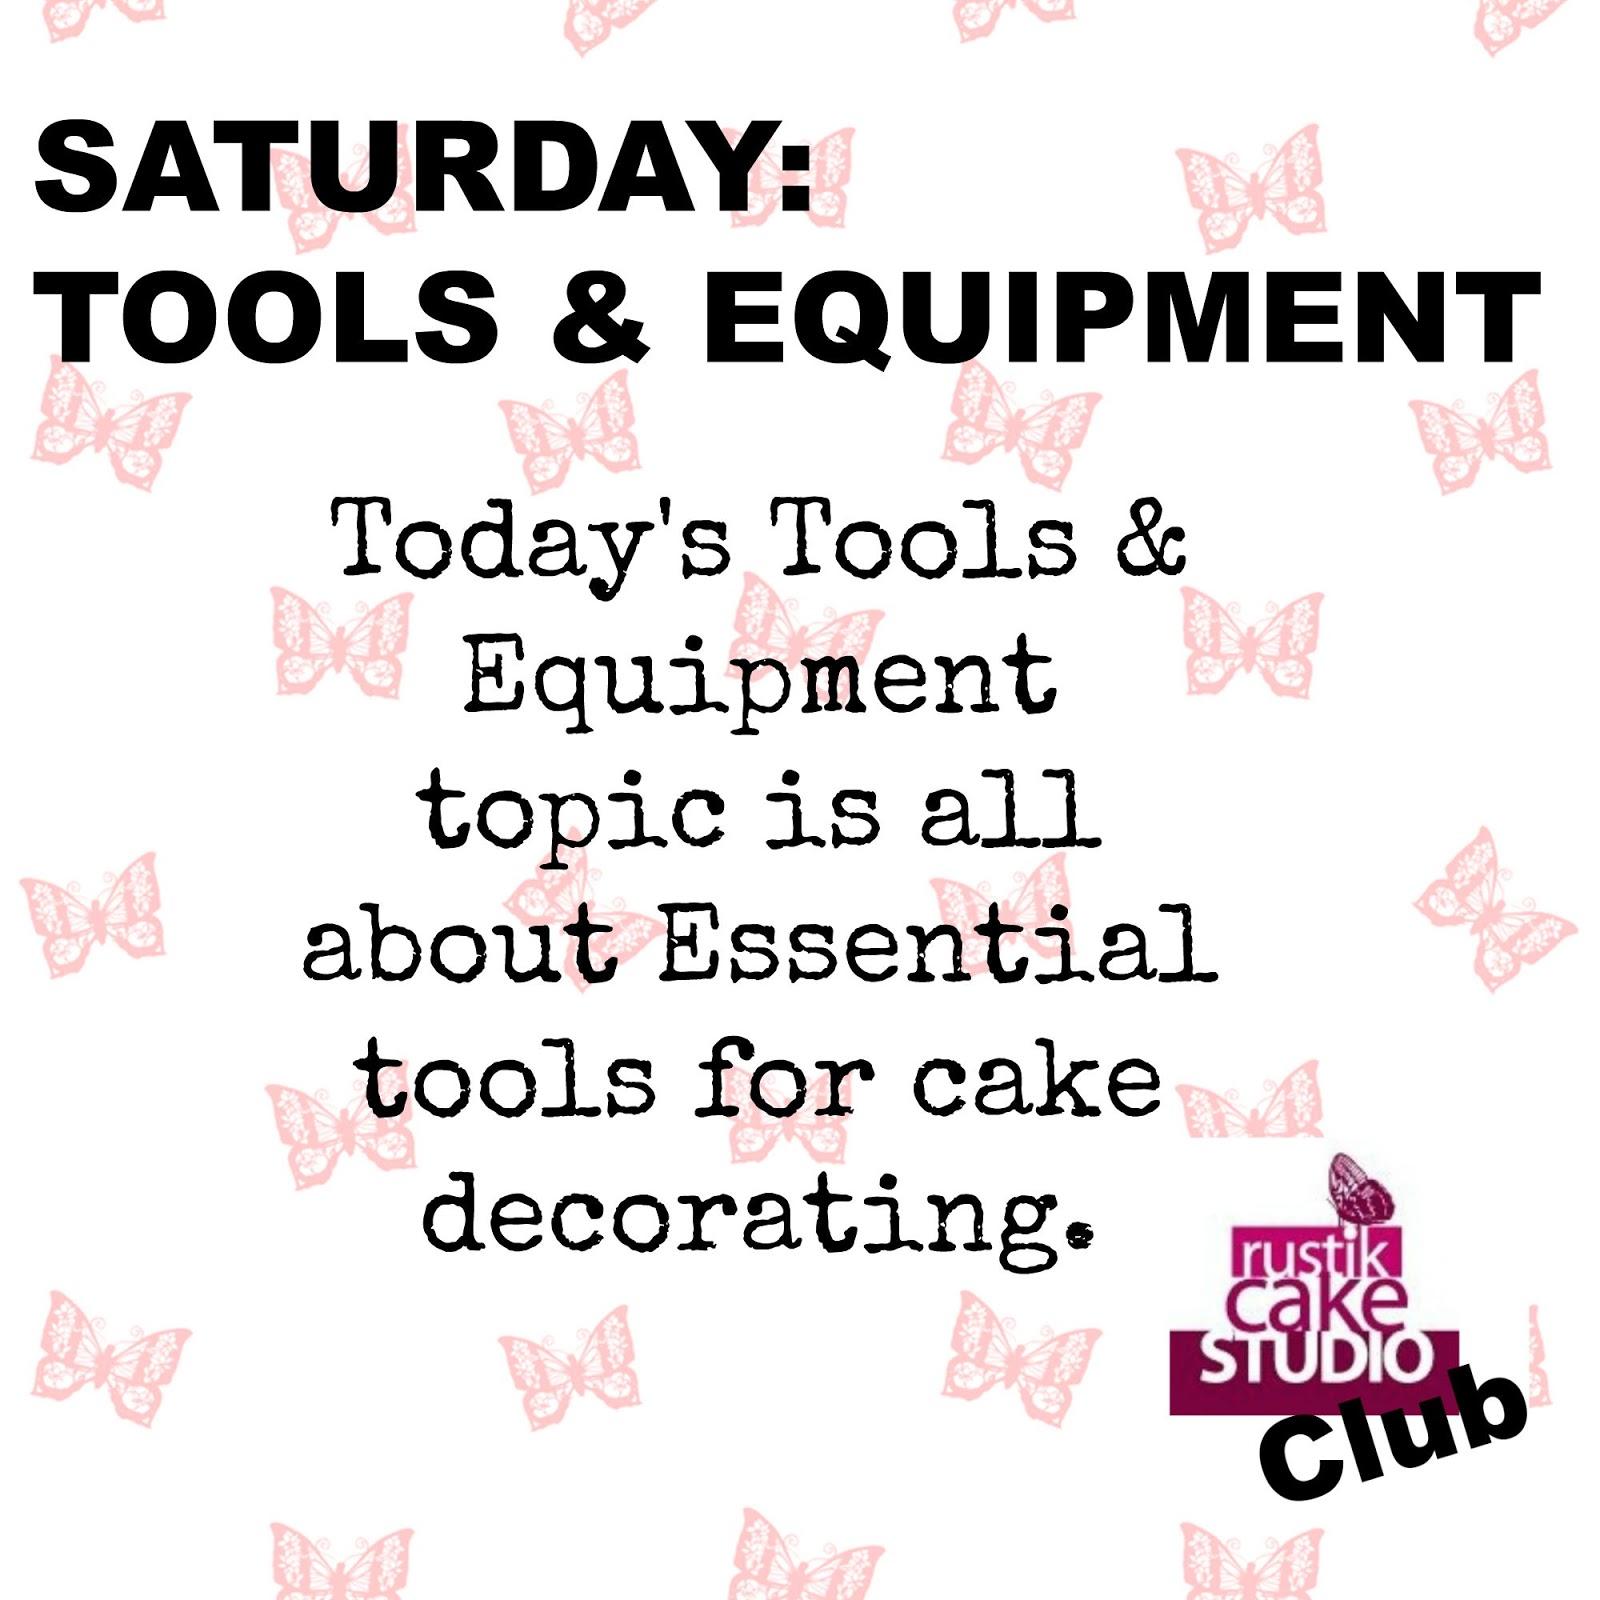 Rustik Cake Studio Saturday Tools Equipment Essential